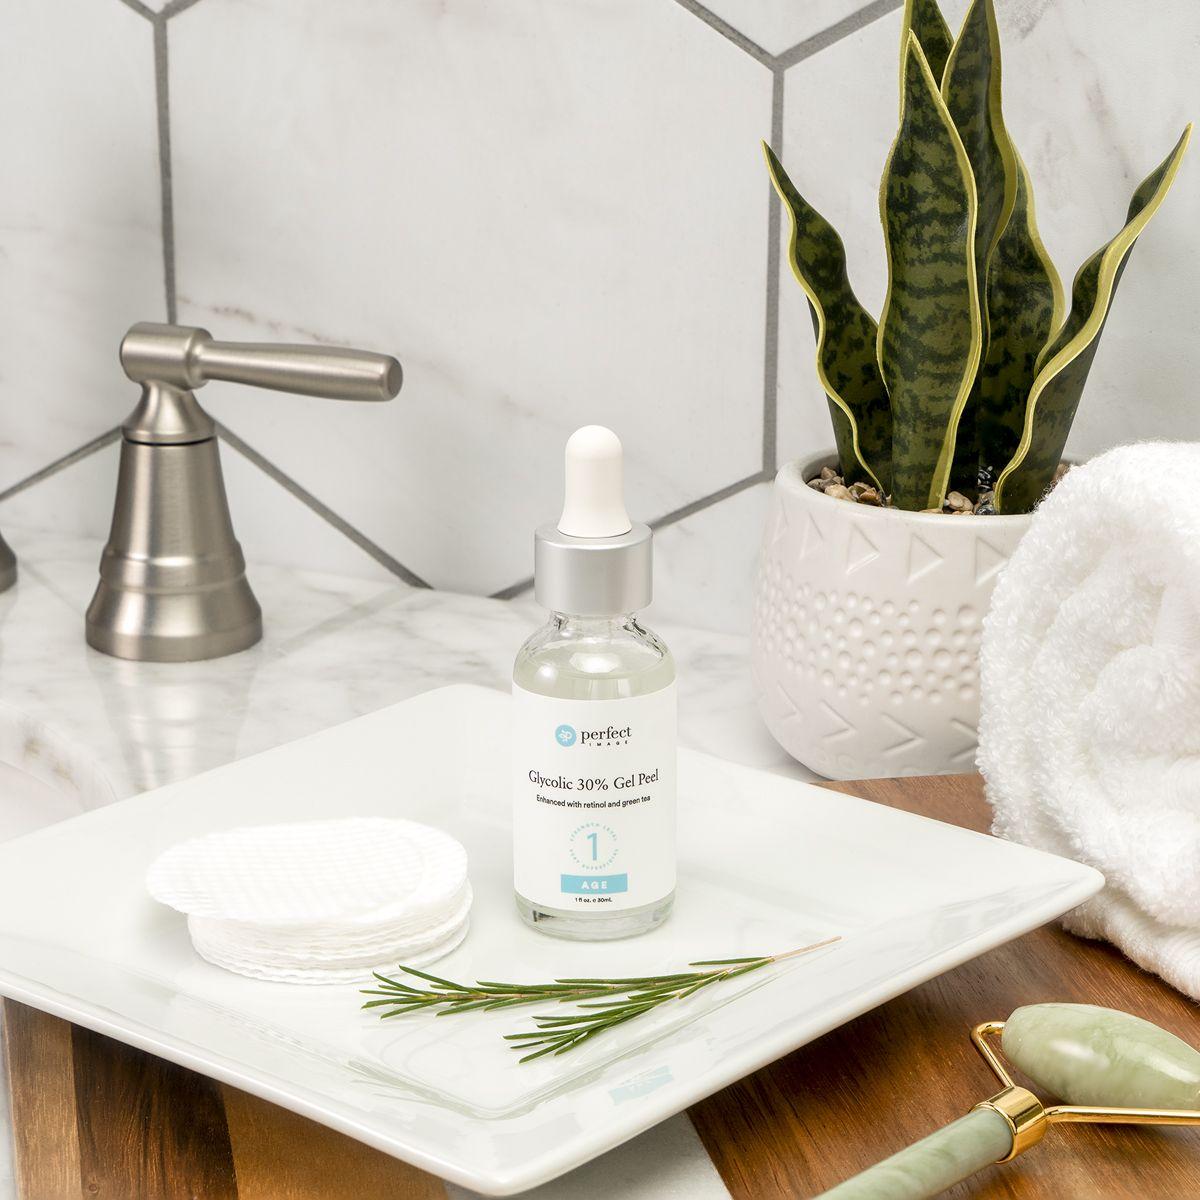 Perfektes Bild Glykolsäure 30% chemisches Peeling | Salicylsäure-Peeling und andere Peelings, die Sie zu Hause machen können